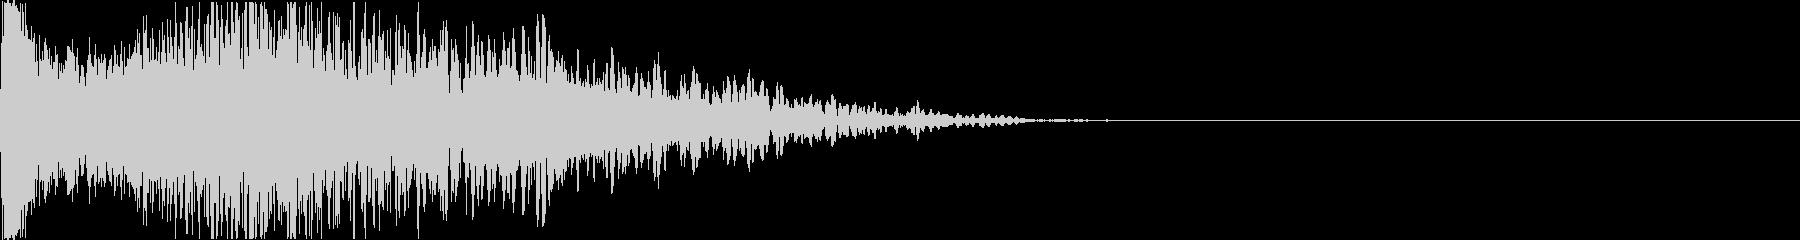 ロボット 合体 ガシーン キュイン 29の未再生の波形